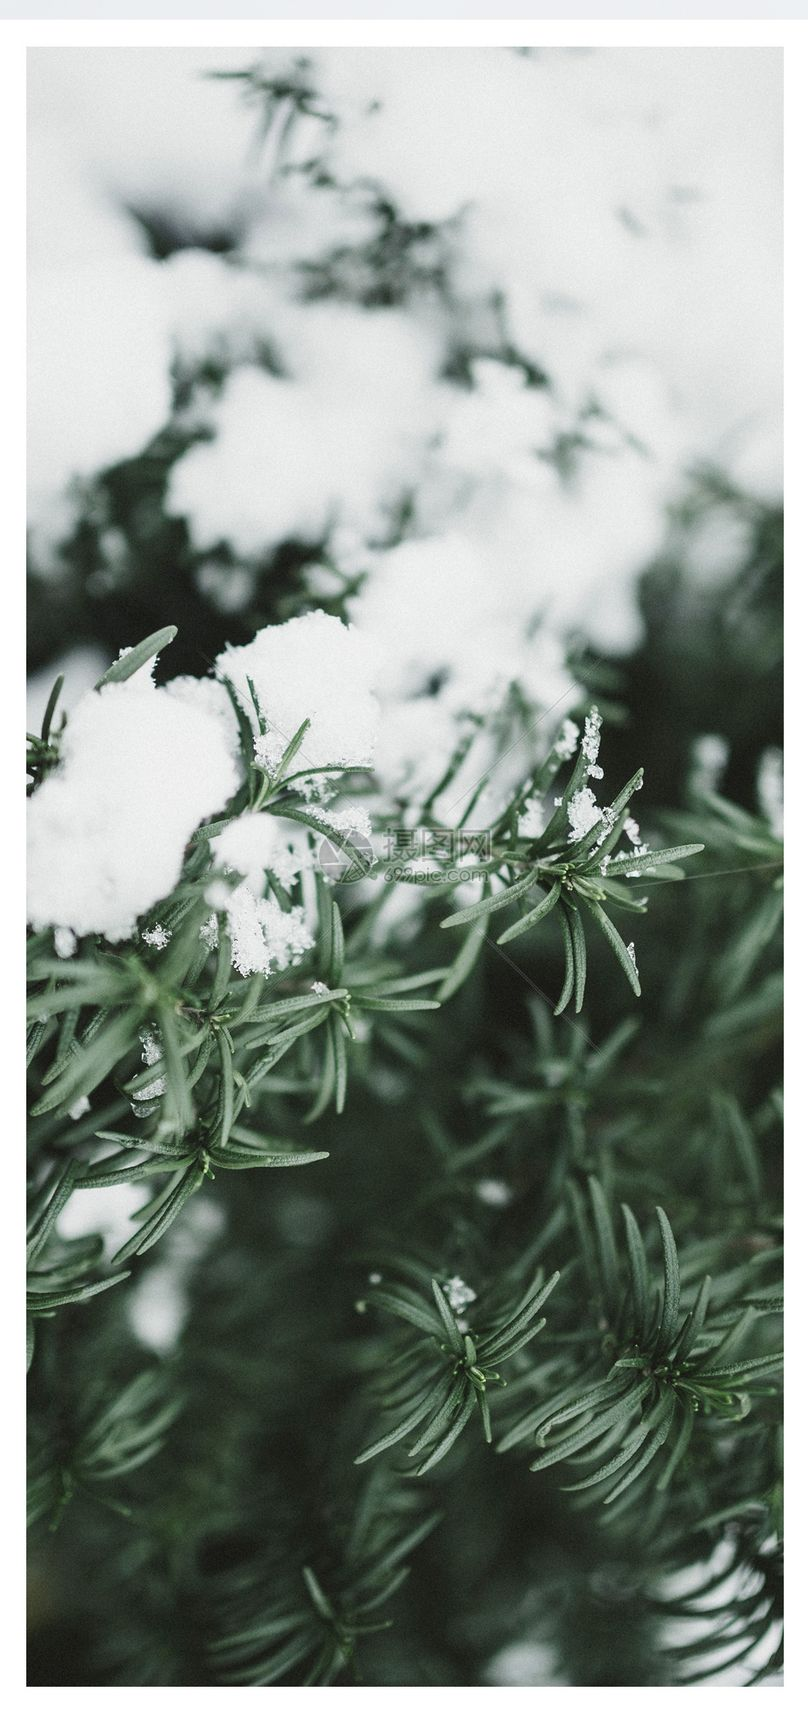 松树积雪手机壁纸图片